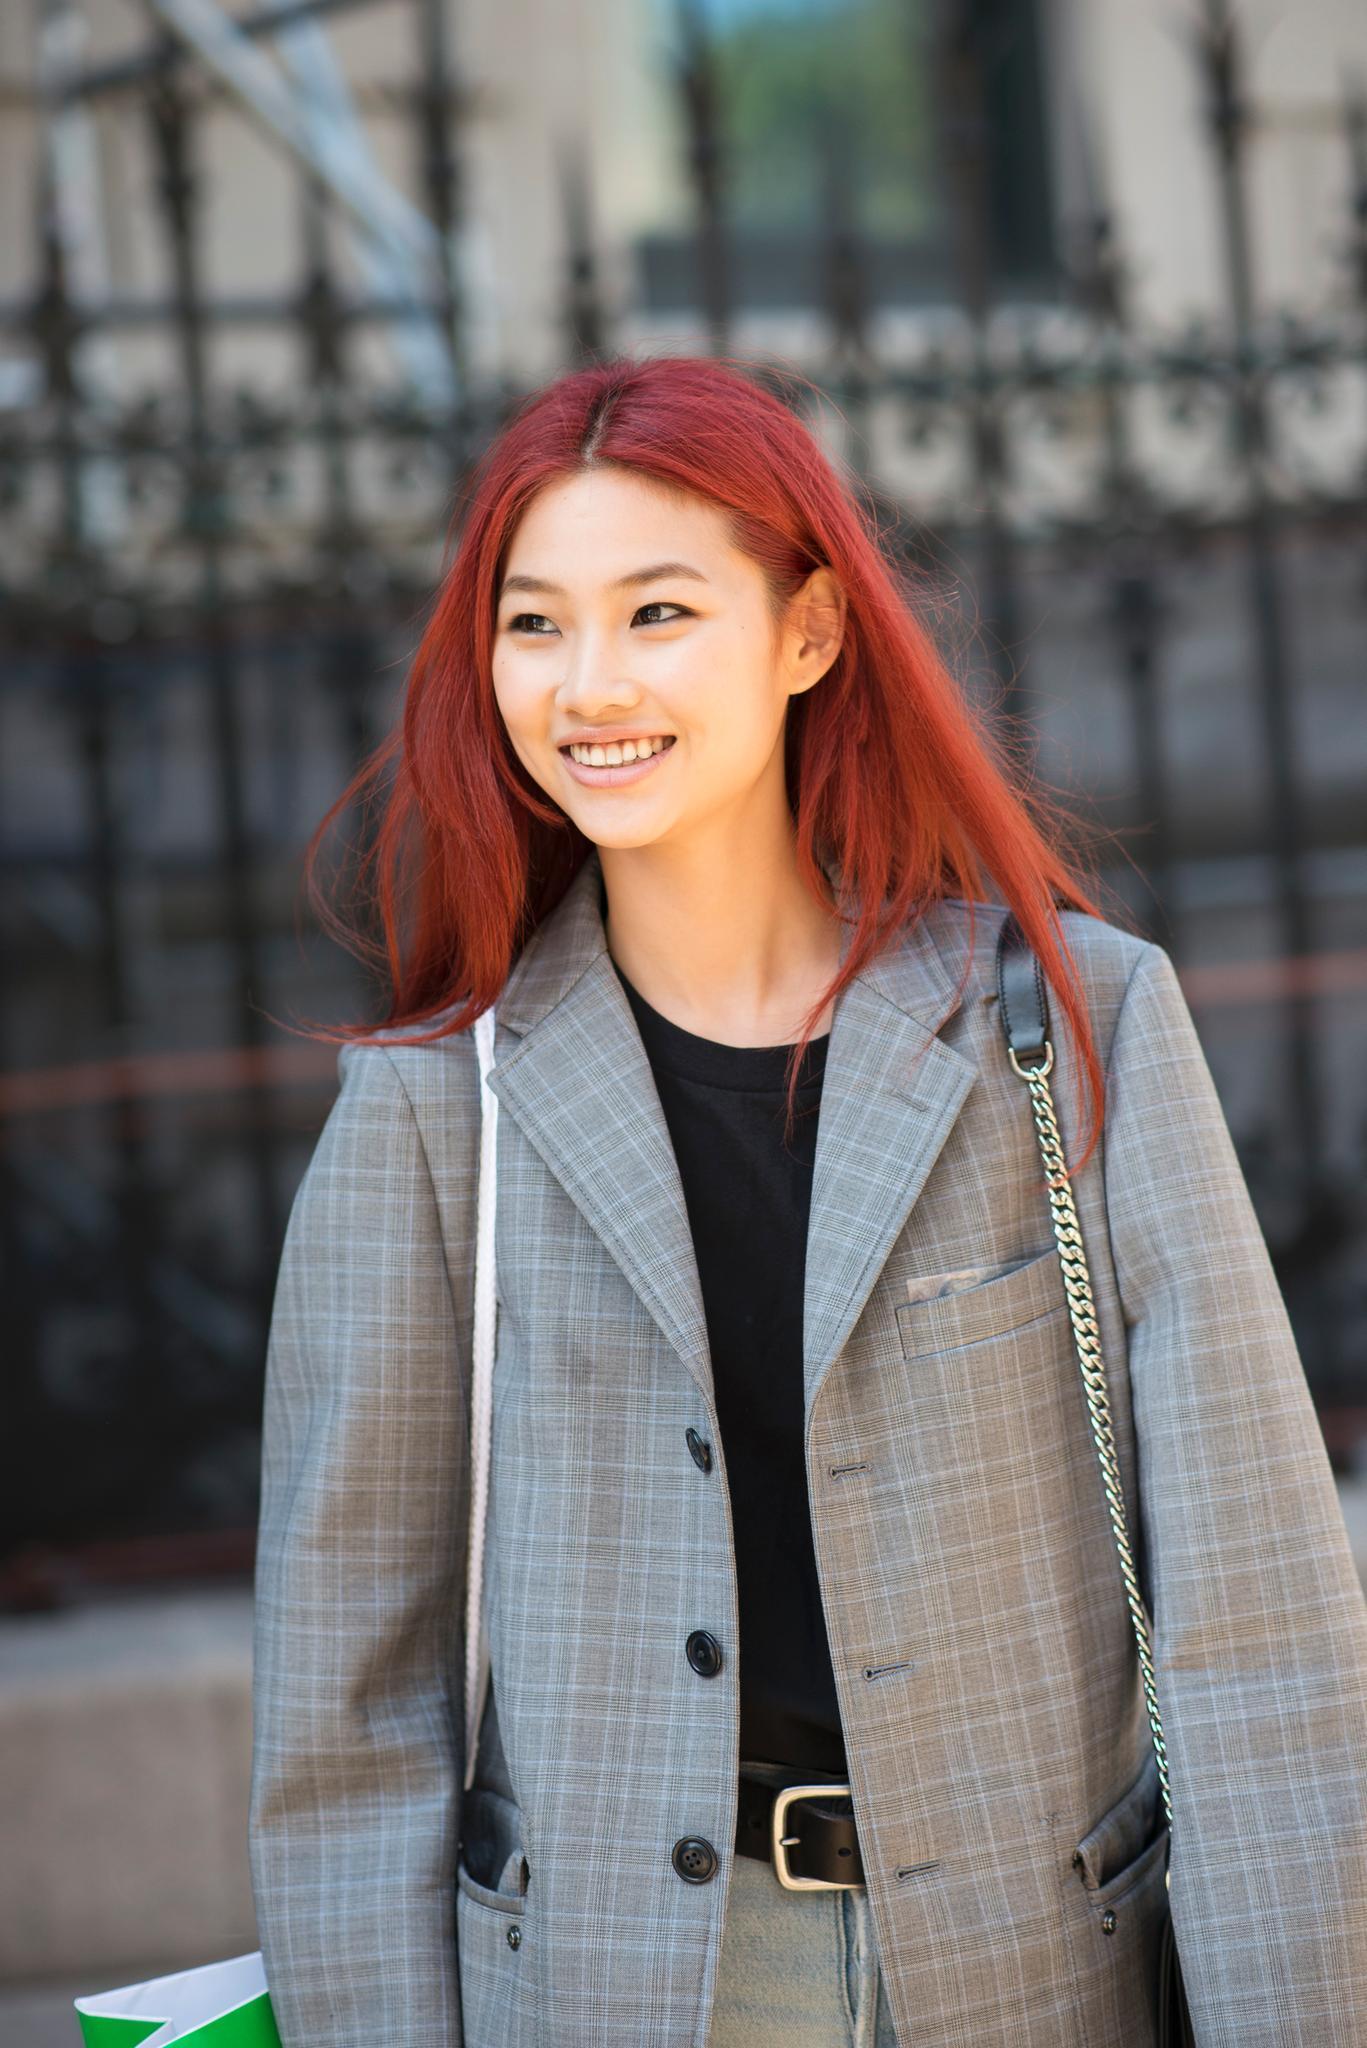 Trendfrisuren: Rote Haare mit Mittelscheitel